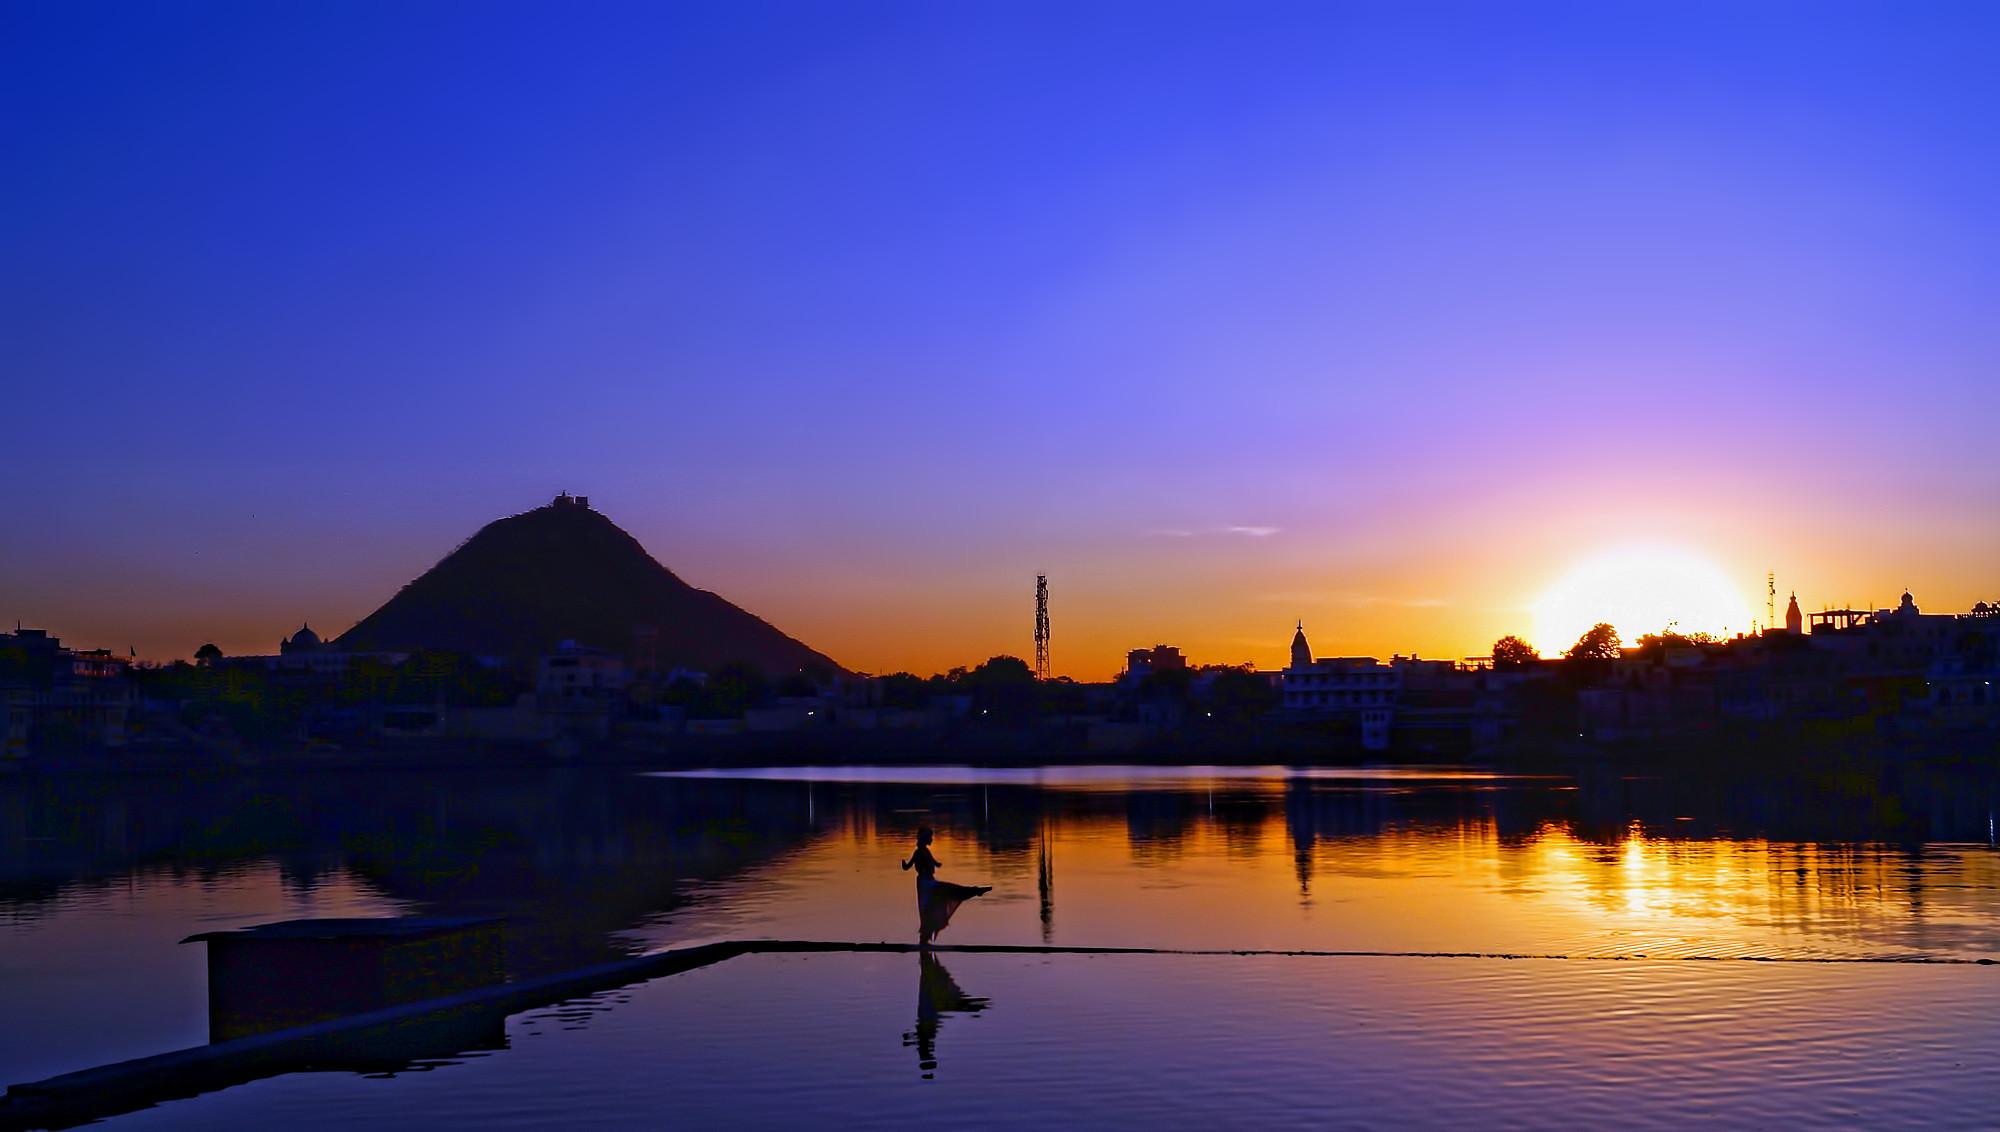 sunset at Pushkar